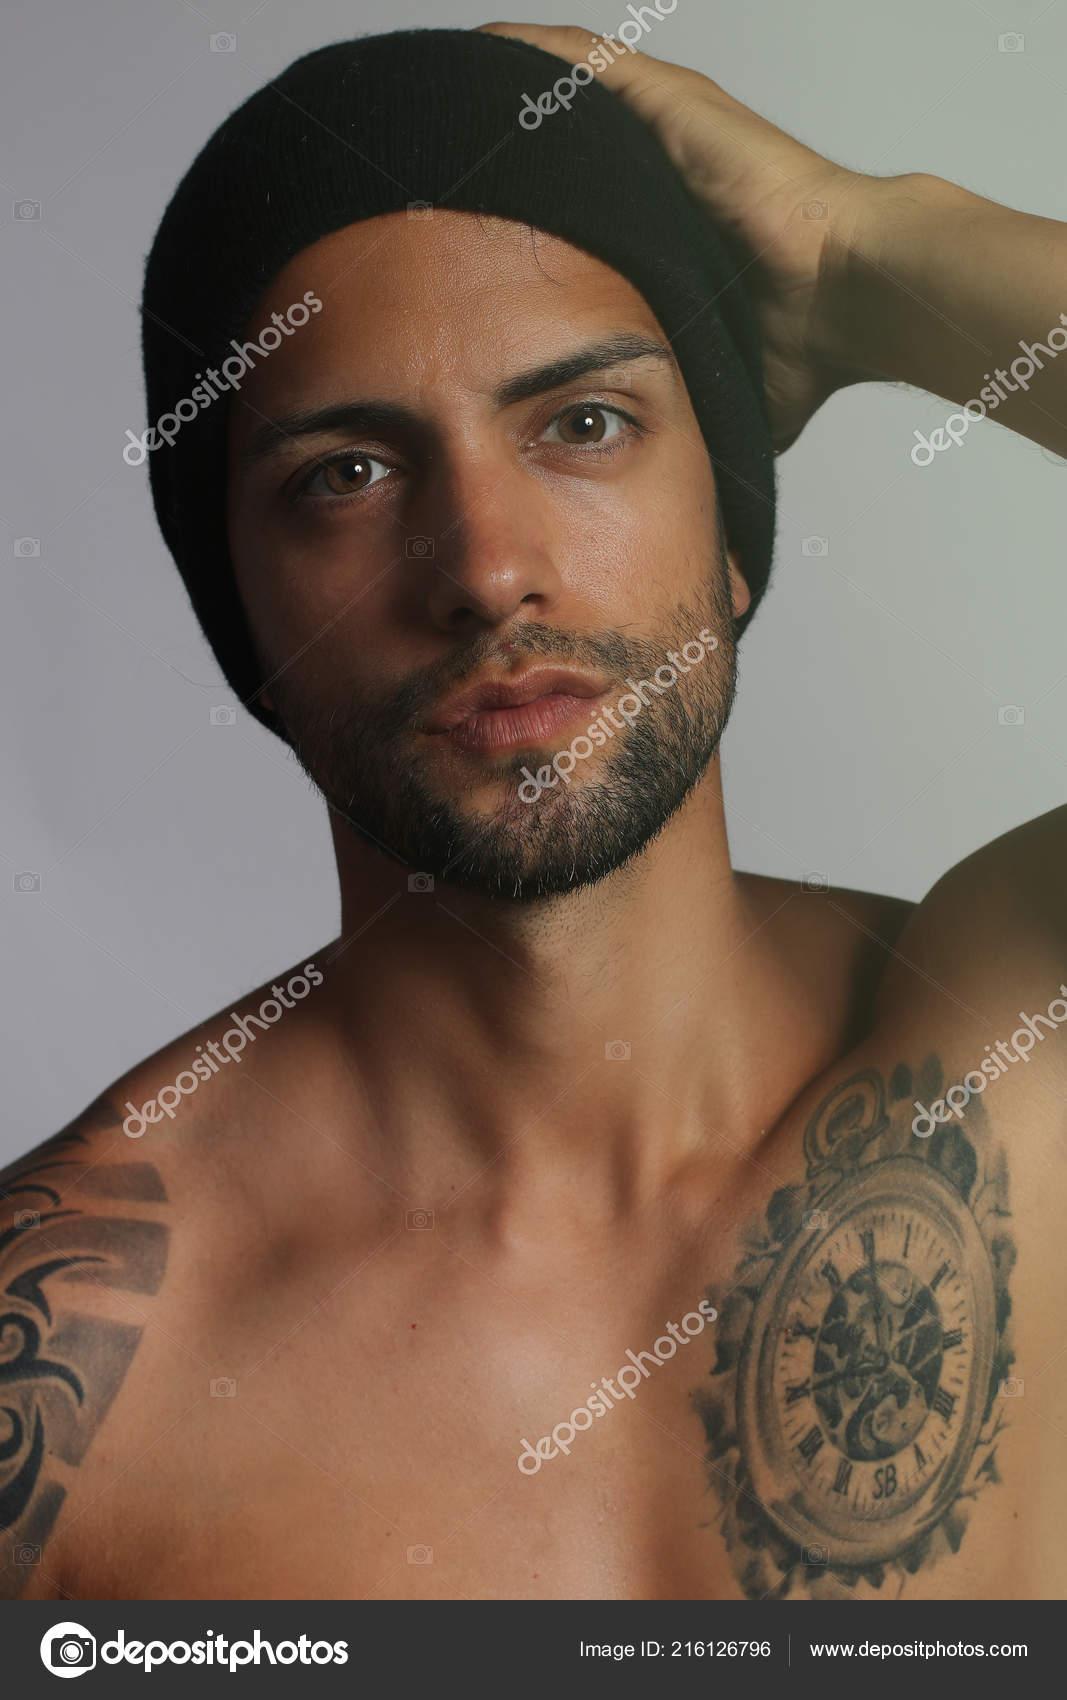 Сексуальные татуировкиу мужчин